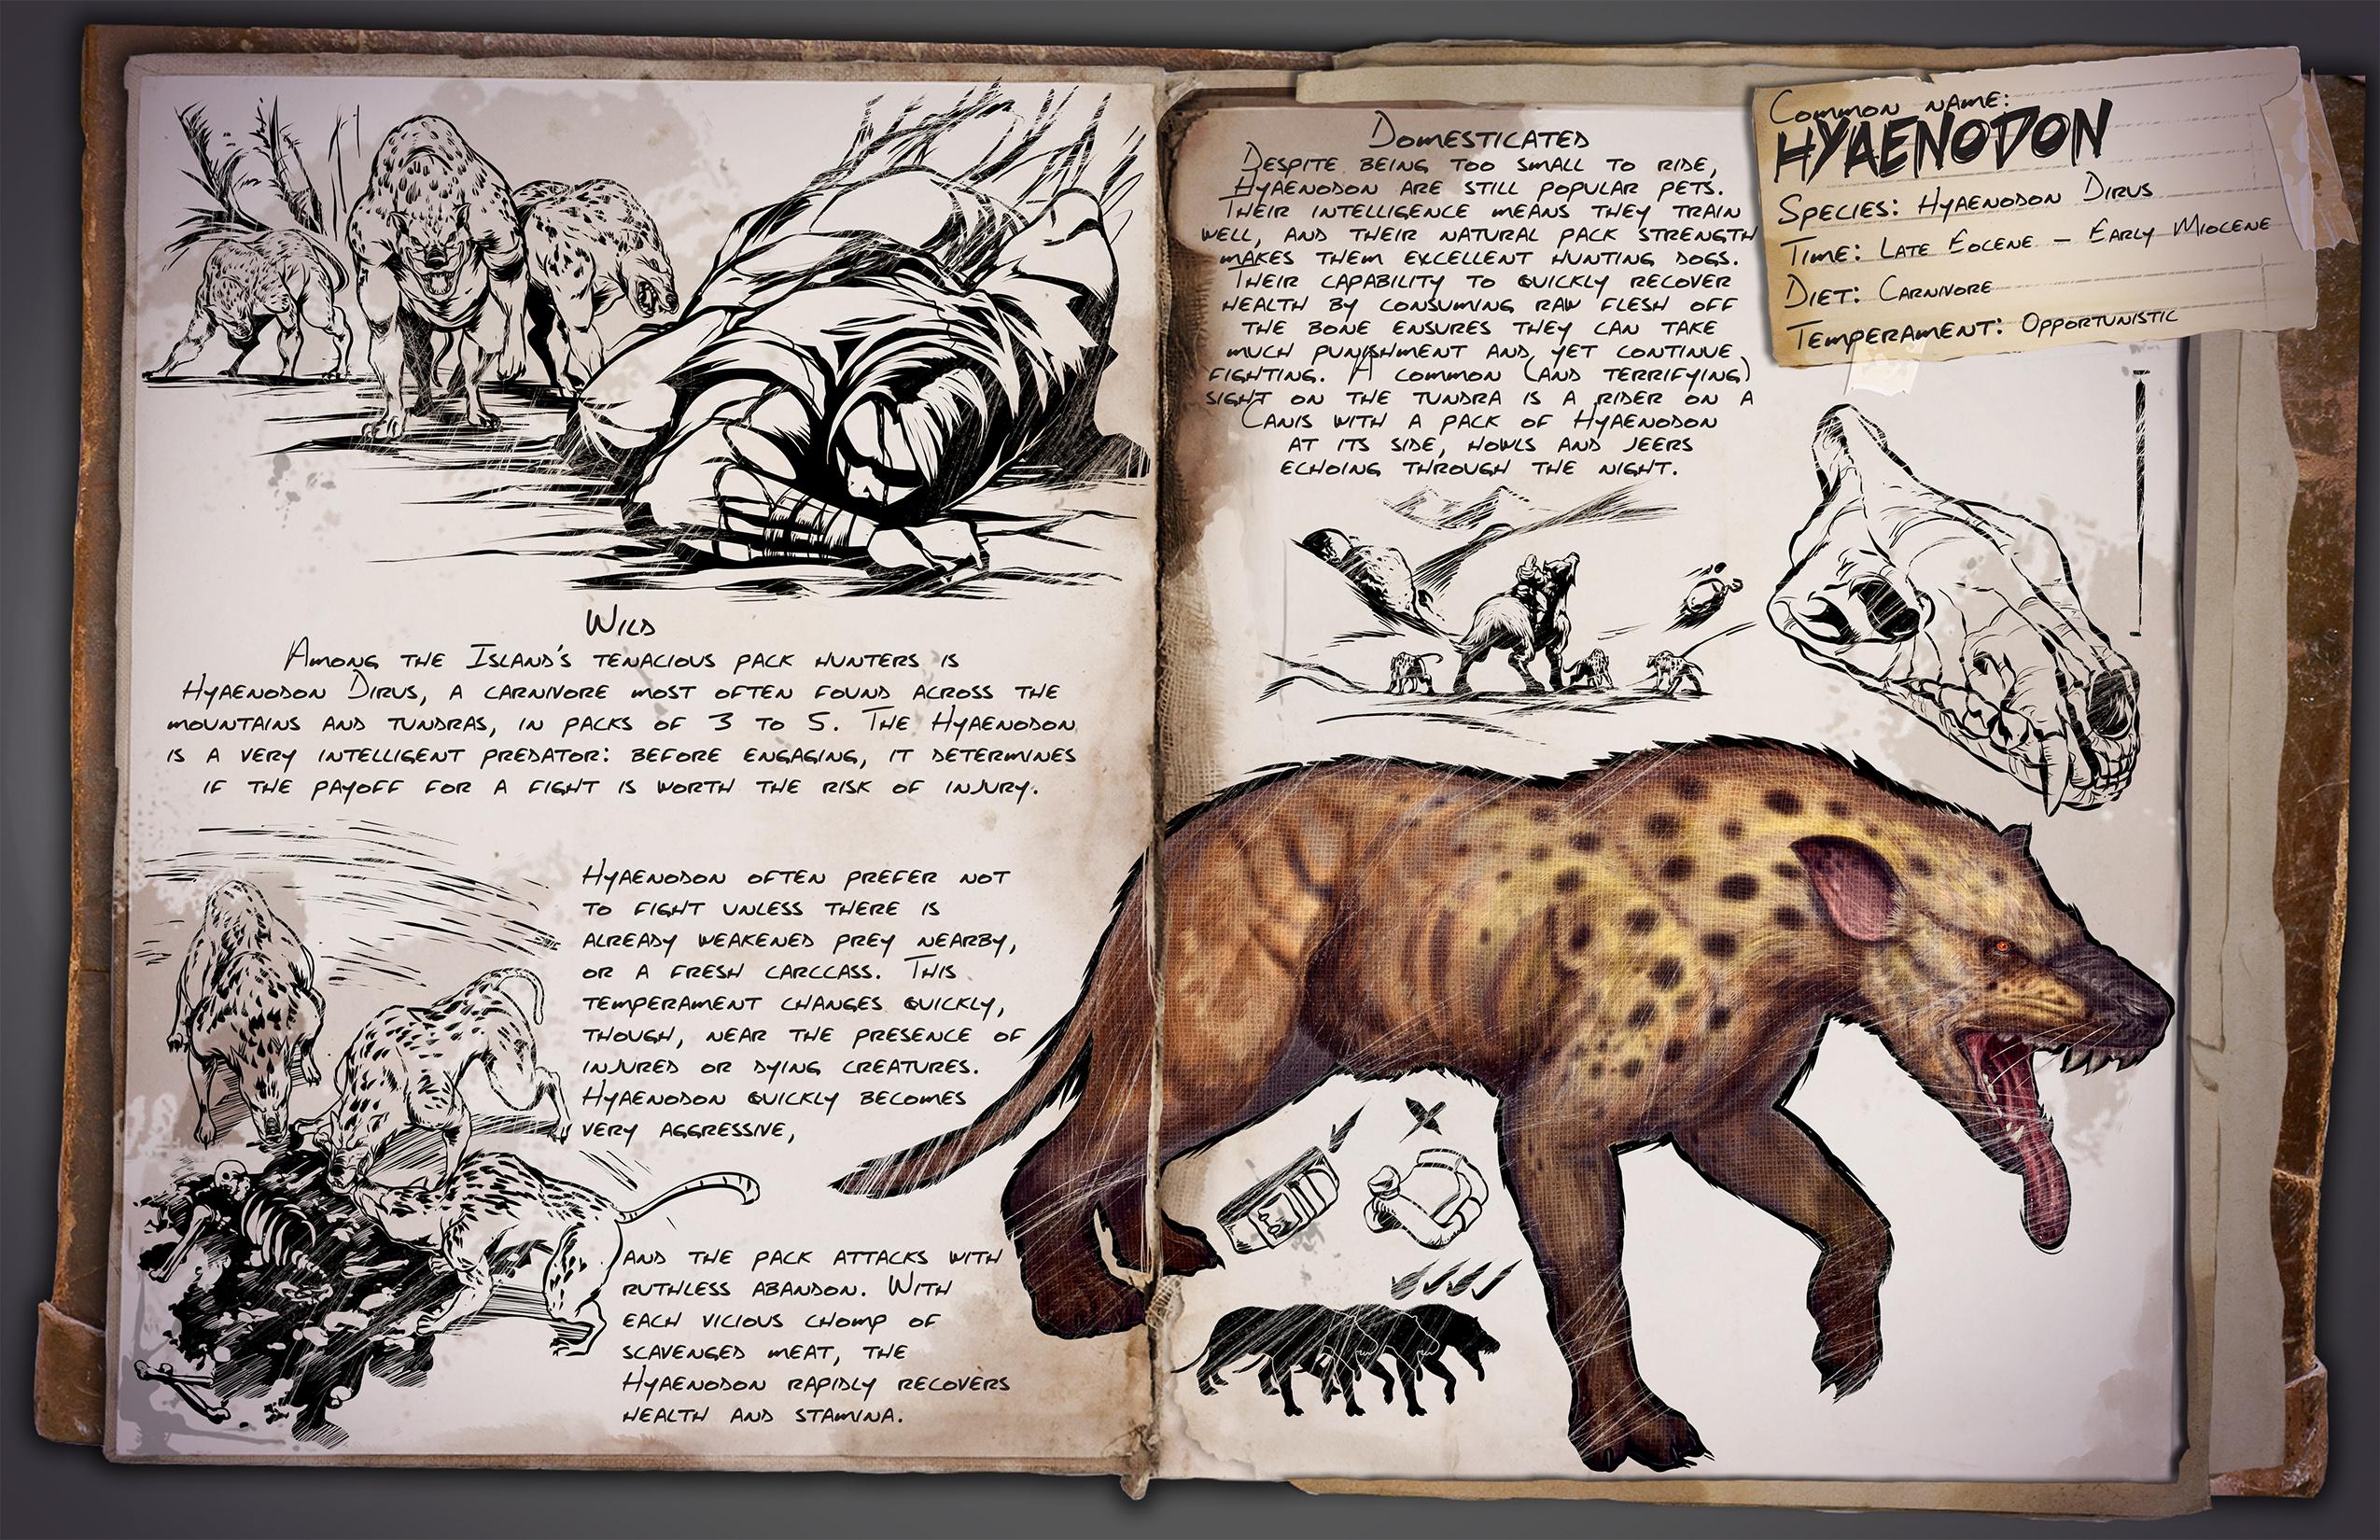 Hyaenodon